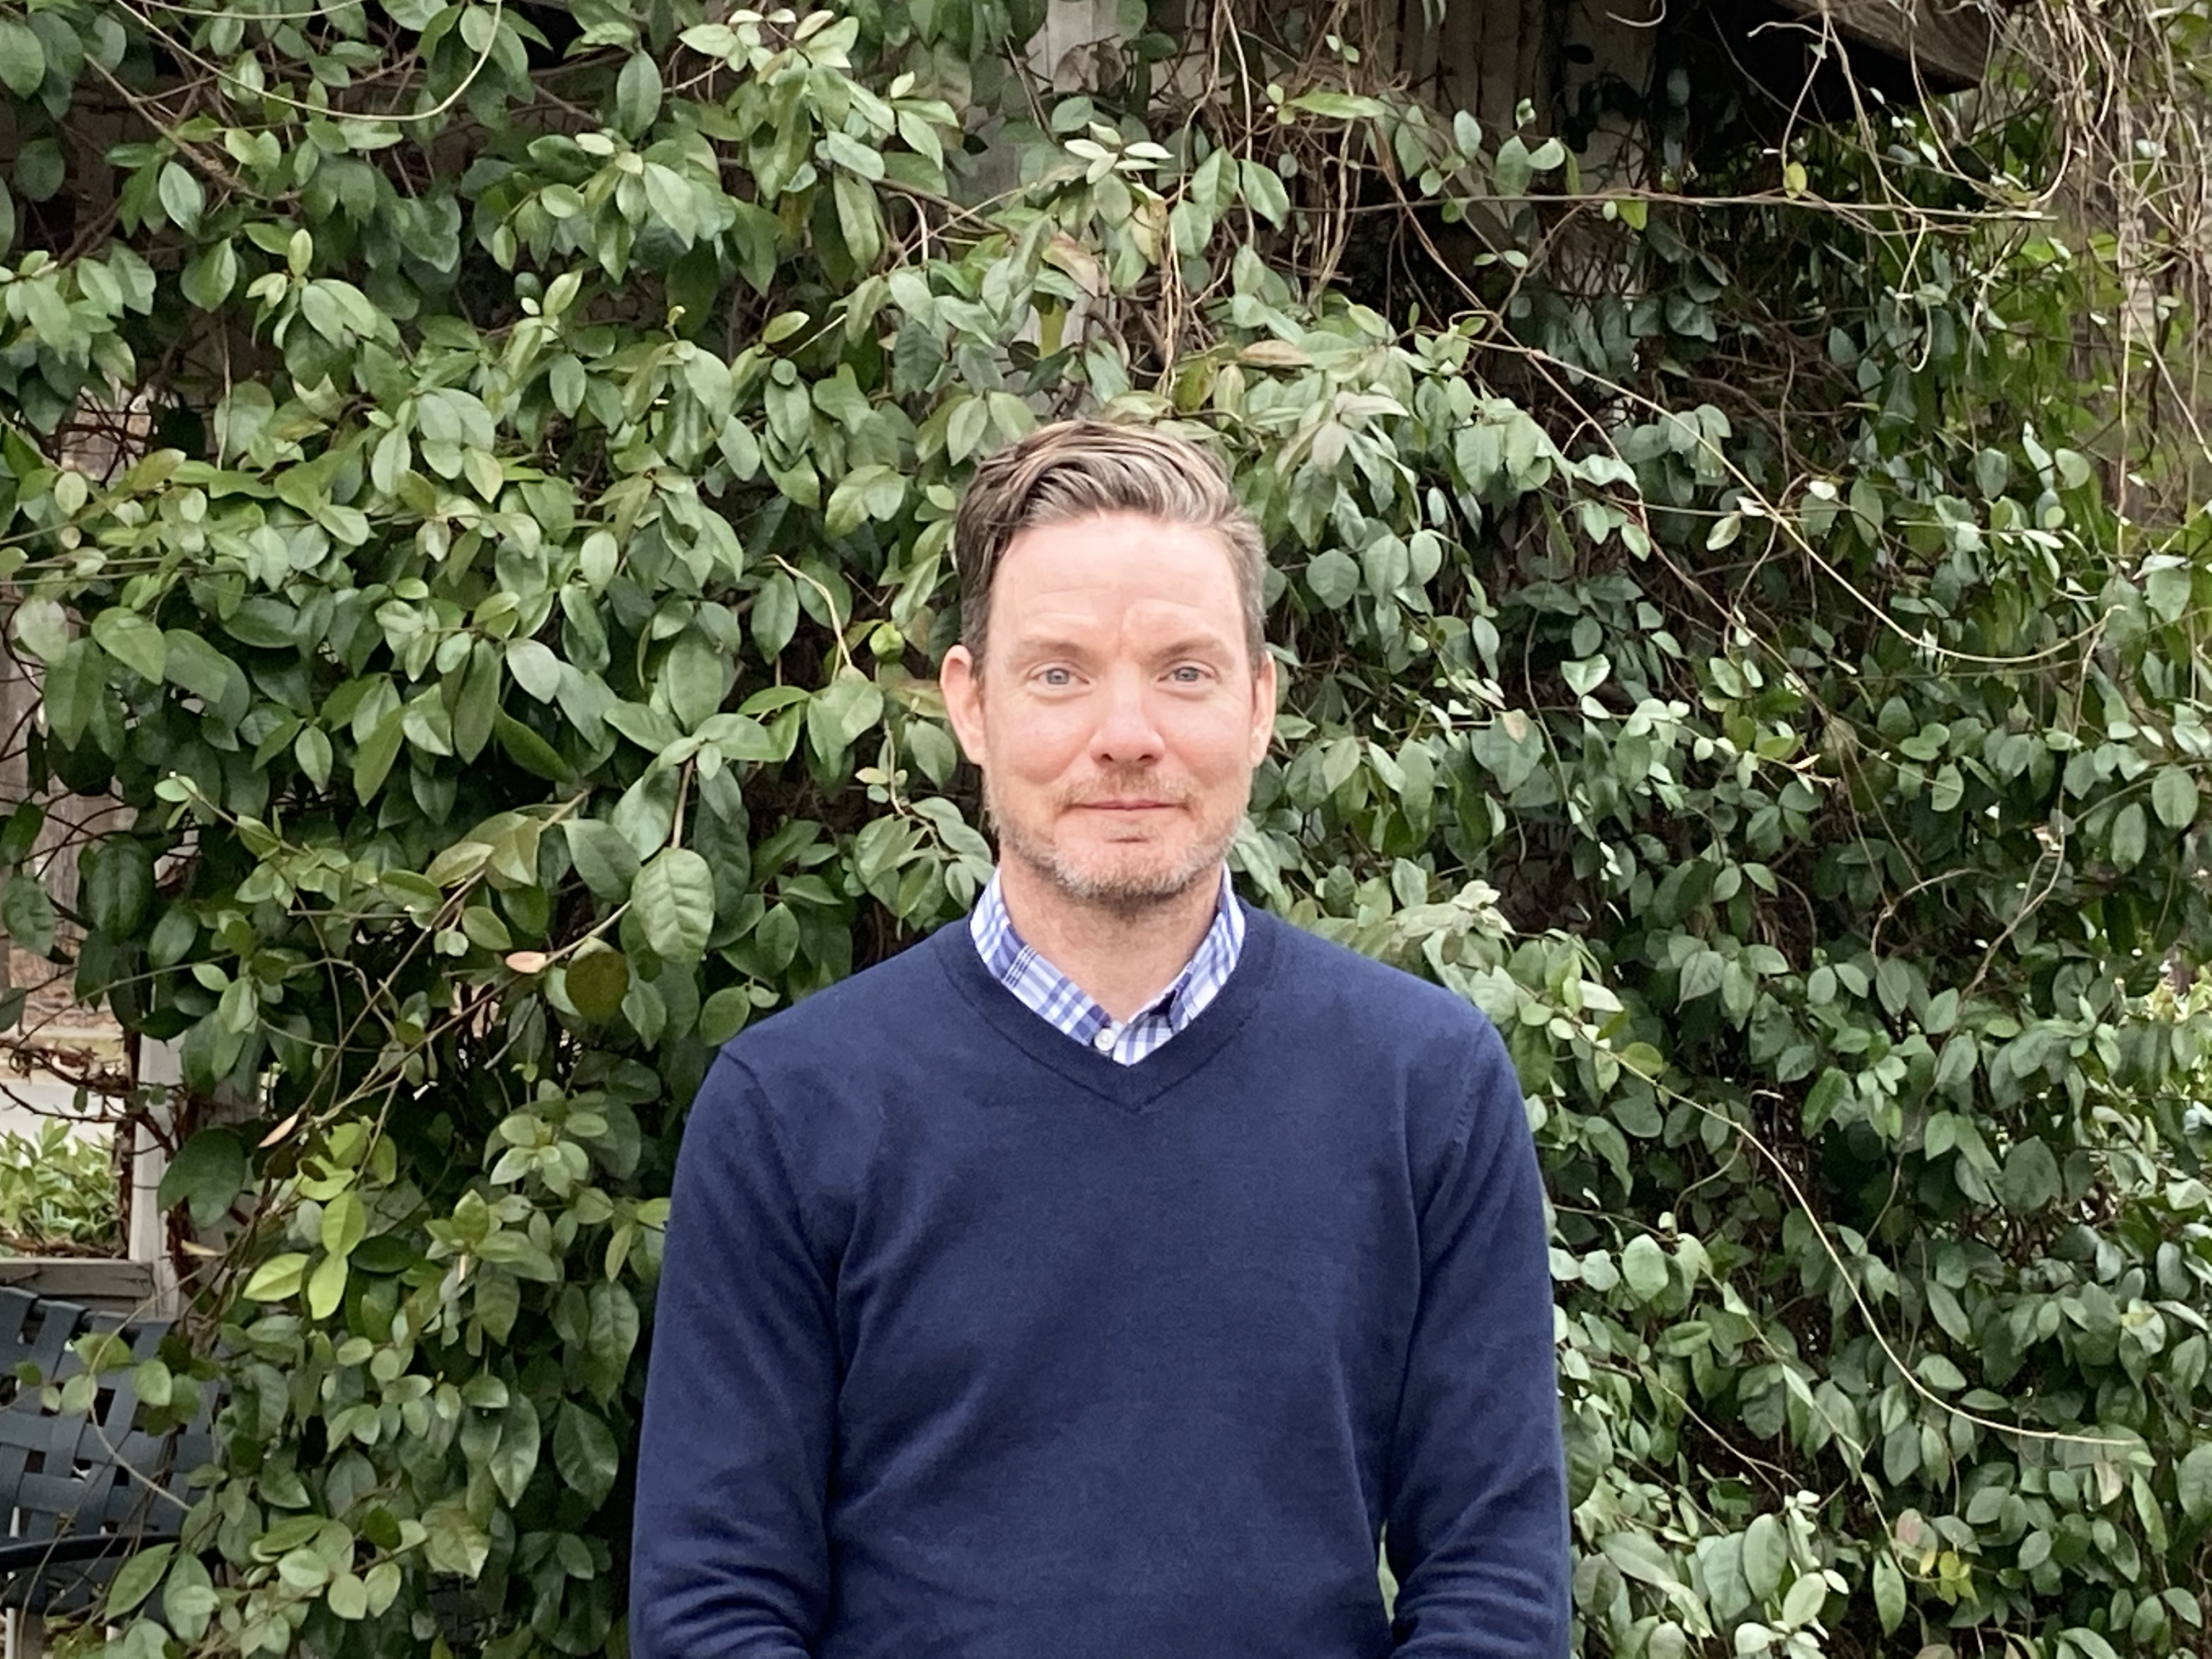 Chris Pegram